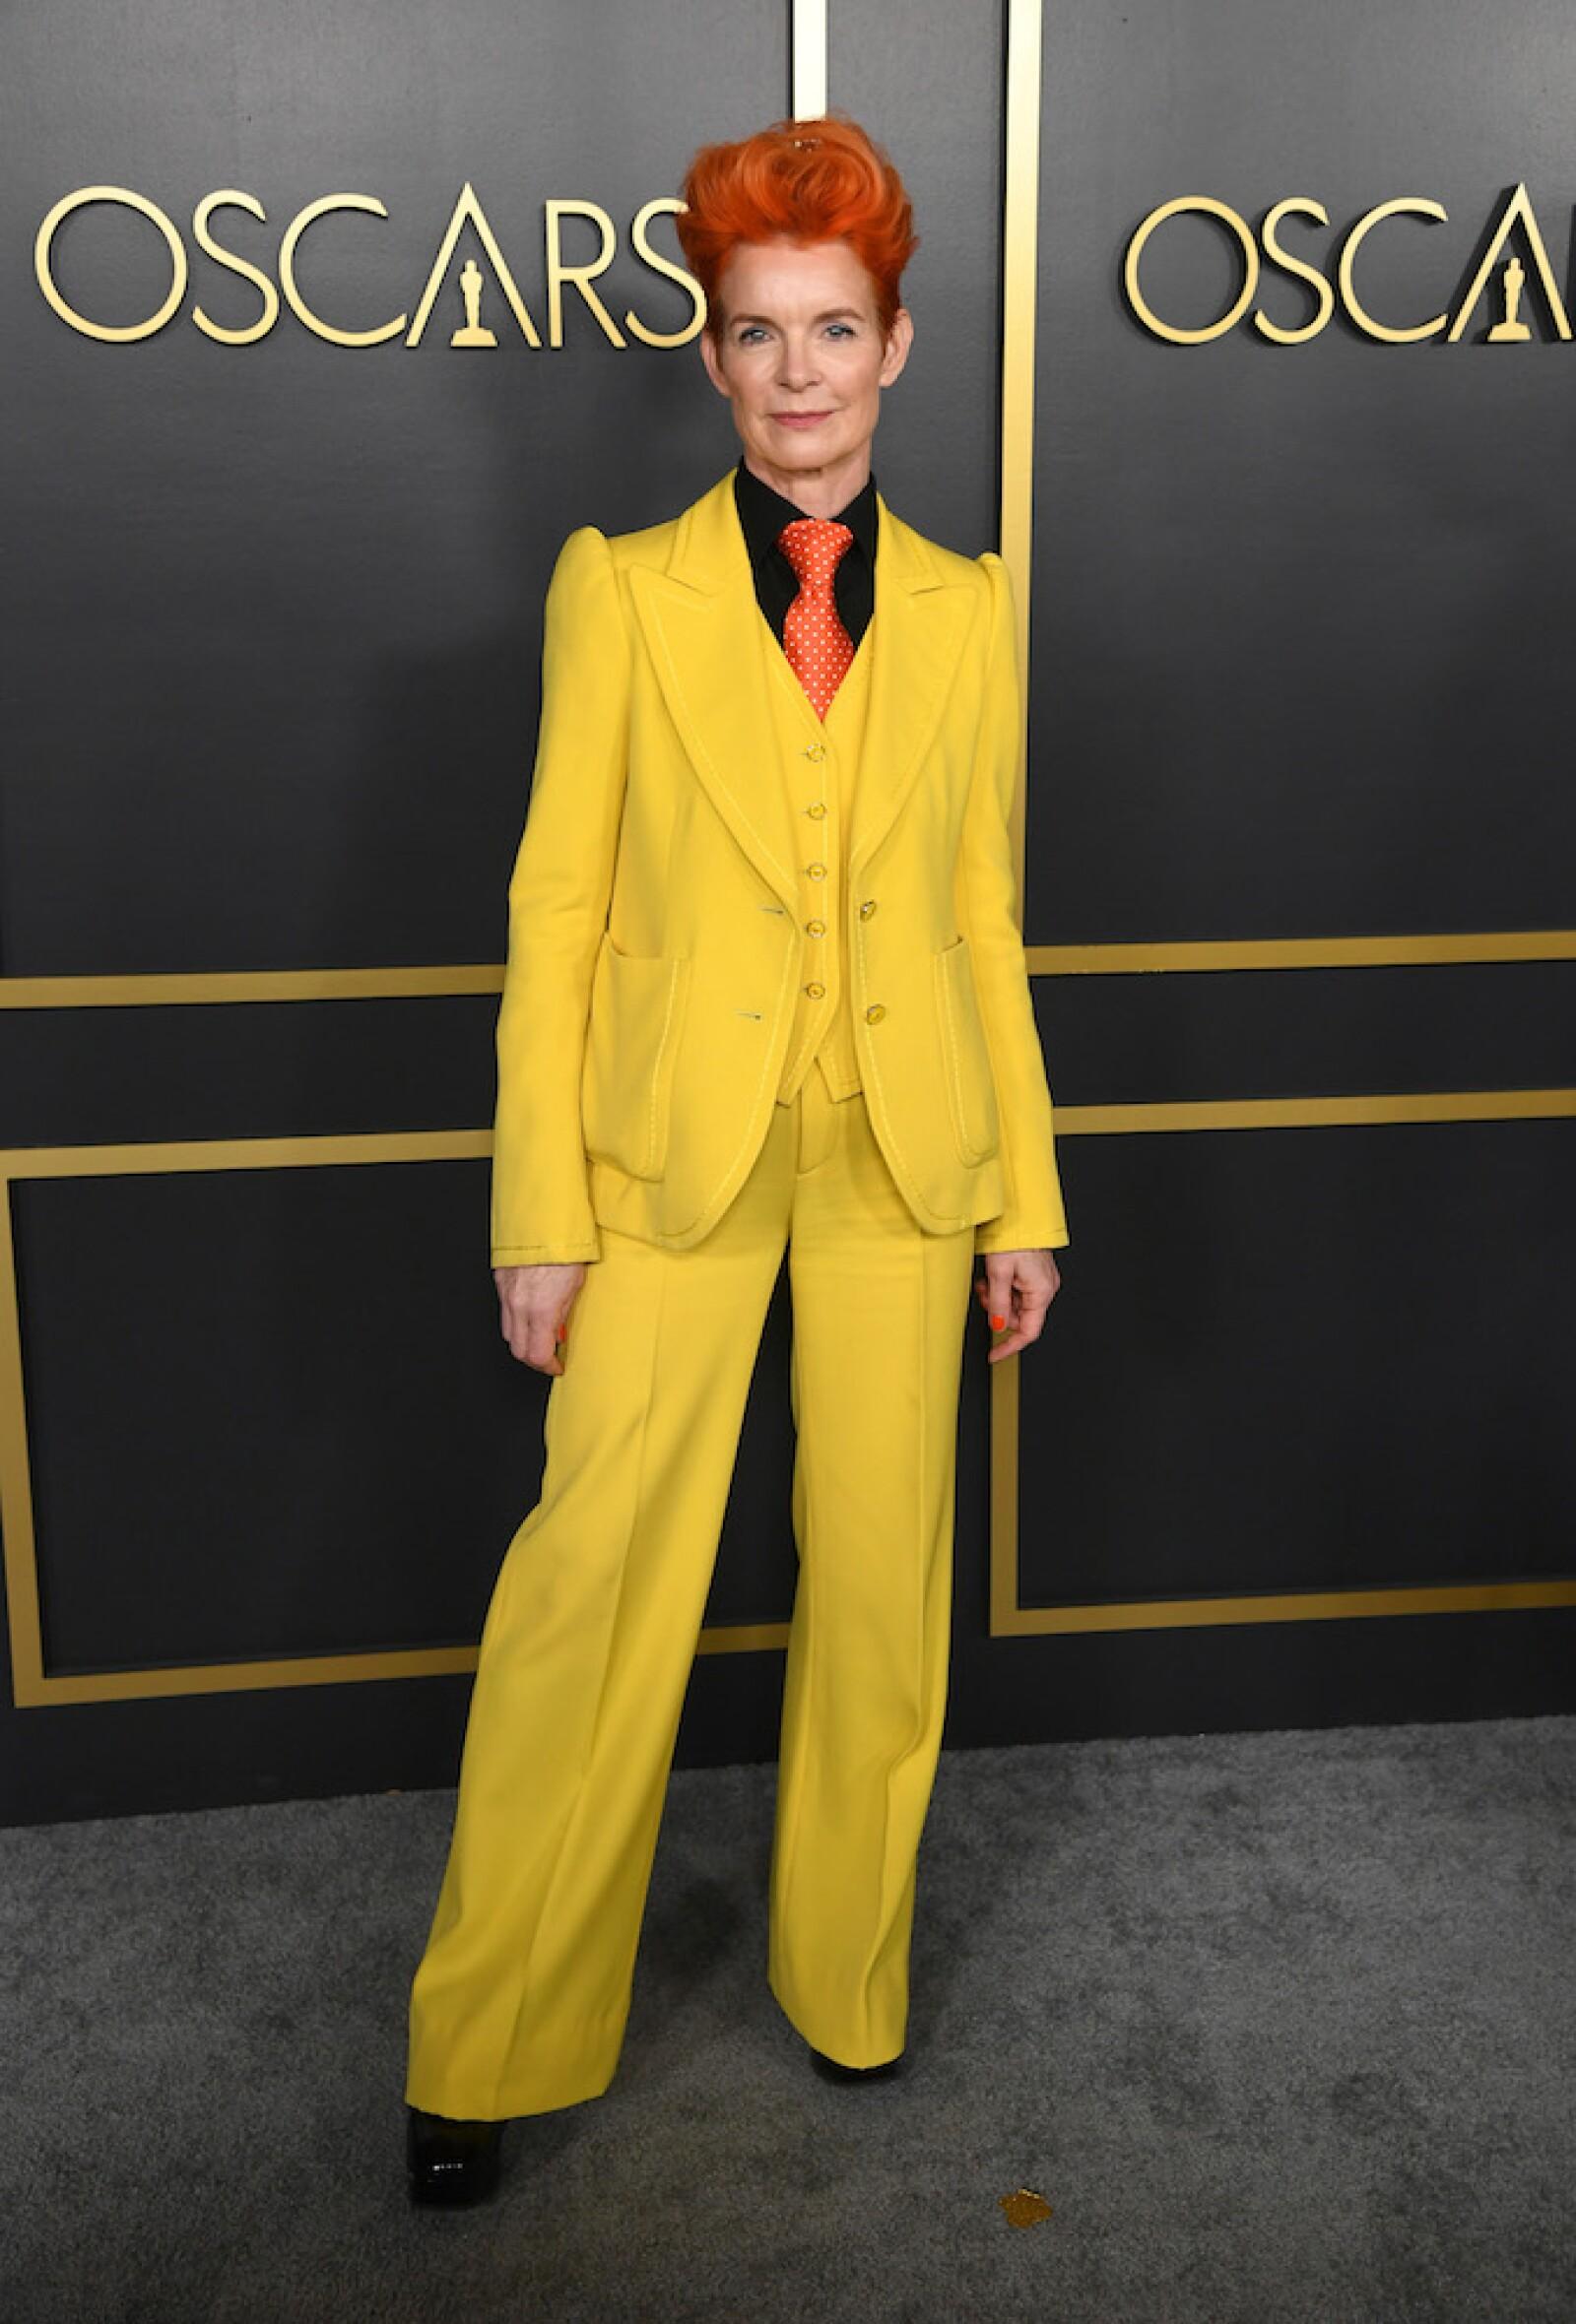 No dudamos que la inspiración para el look de Sandy Powell, sea David Bowie, no por nada está nominada por mejor vestuario, y es clásico verla con trajes en colores llamativos como el de esta gala previa.